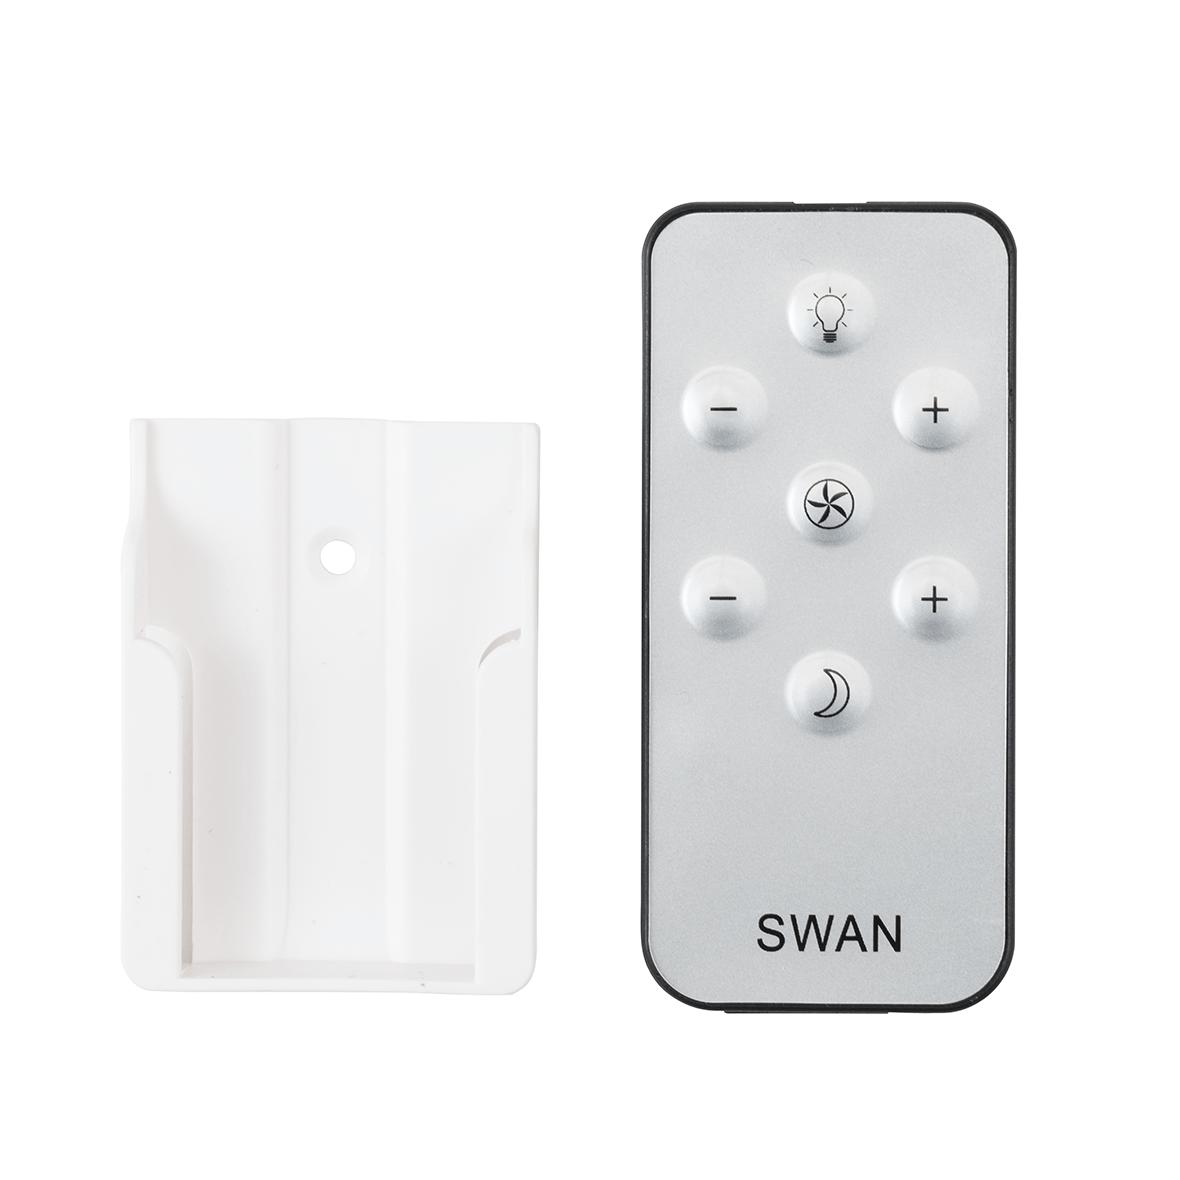 スワン電器 slimac LED小型シーリングライト FCE-222BR4